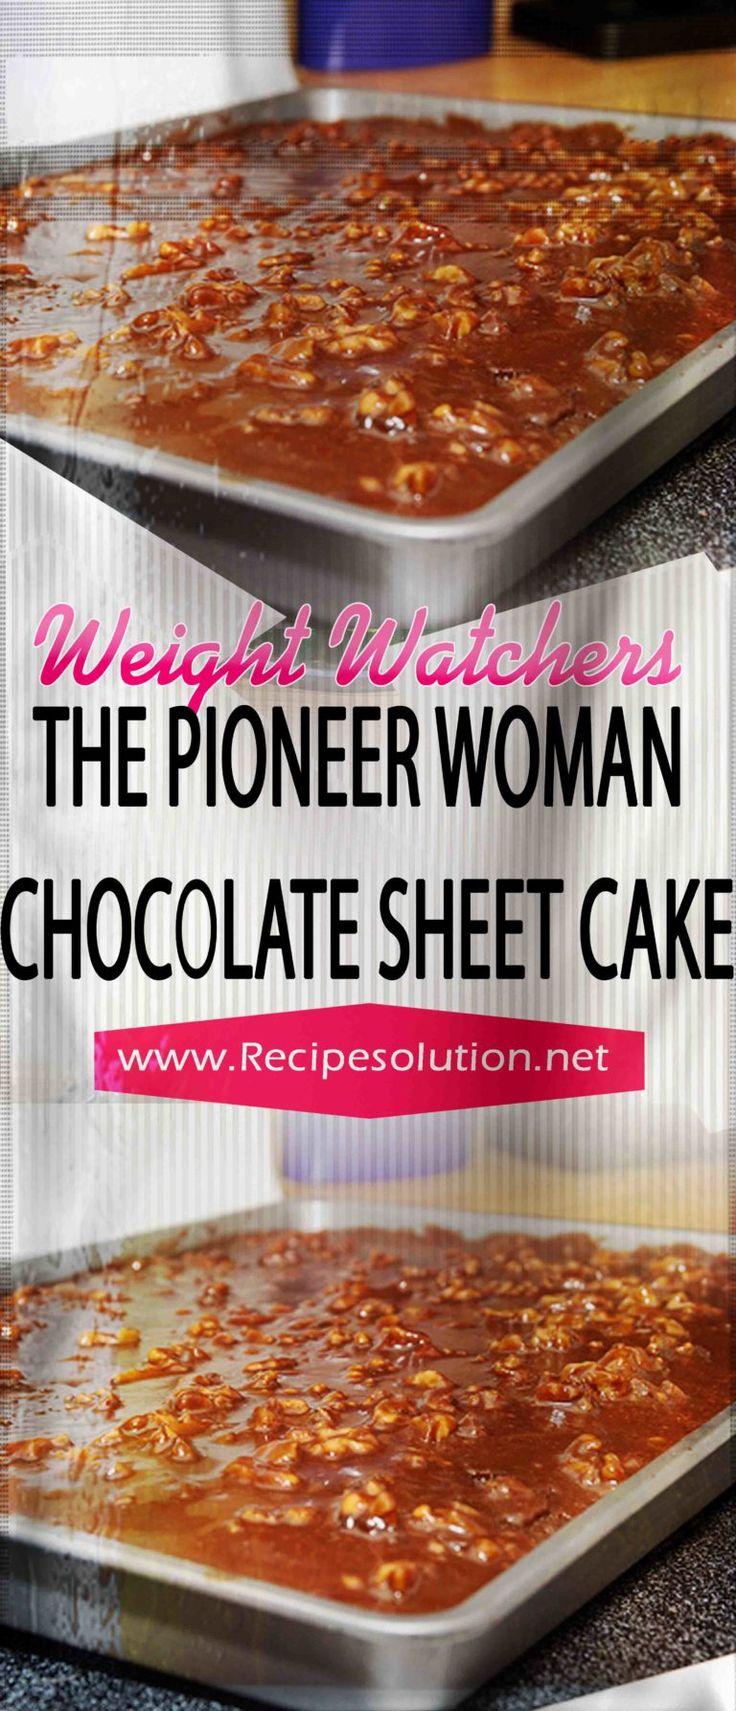 The Pioneer Woman Schokoladenblechkuchen – Seite 2 – Die besten mageren Rezepte   – .weight watchers recipes with points